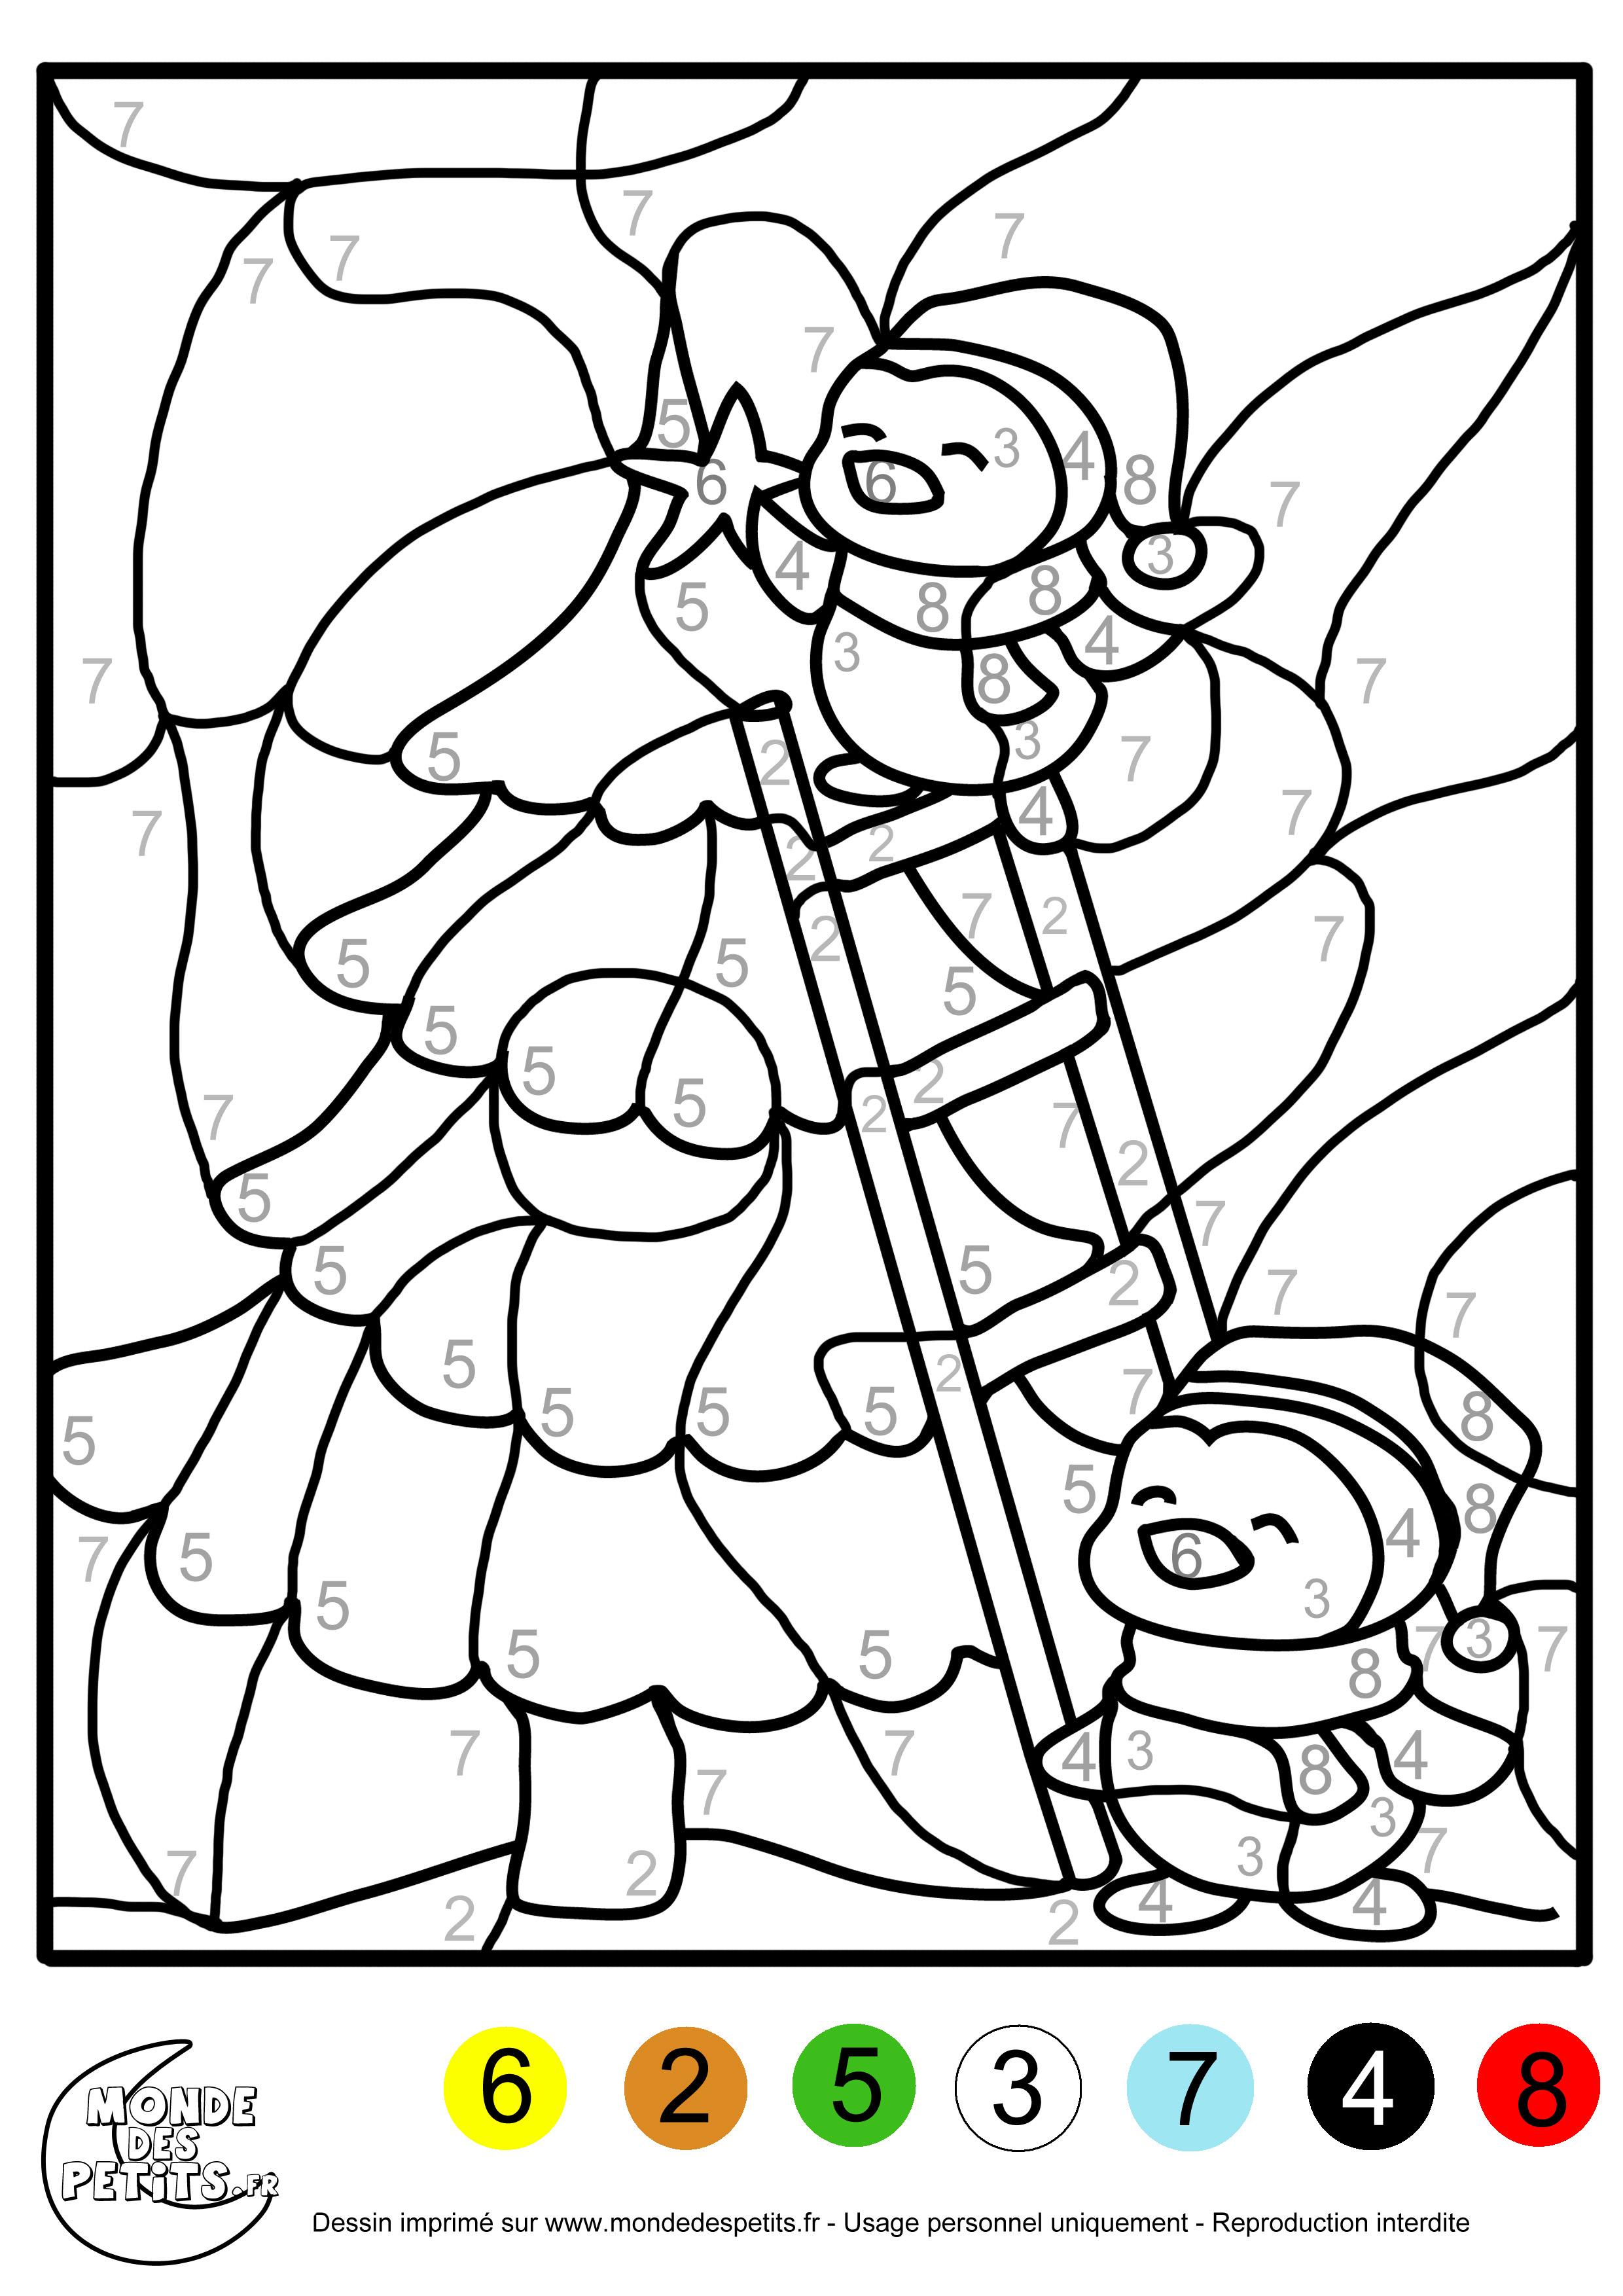 Coloriage Magique De Noel à Imprimer Gratuit : monde des petits coloriages imprimer ~ Pogadajmy.info Styles, Décorations et Voitures